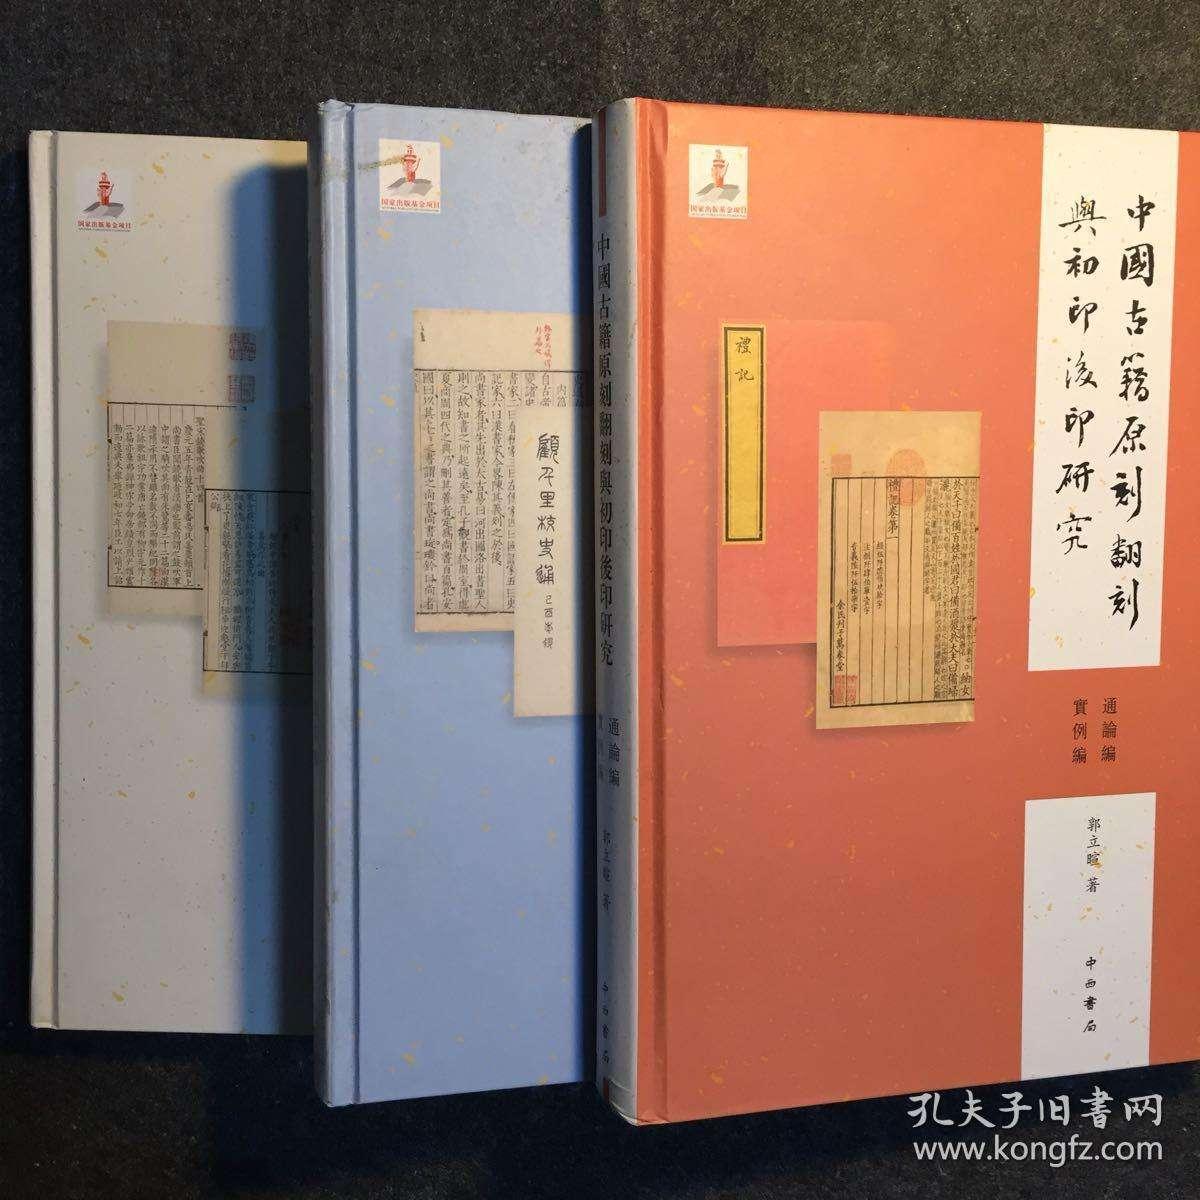 郭立暄《中国古籍原刻翻刻与初印后印研究》